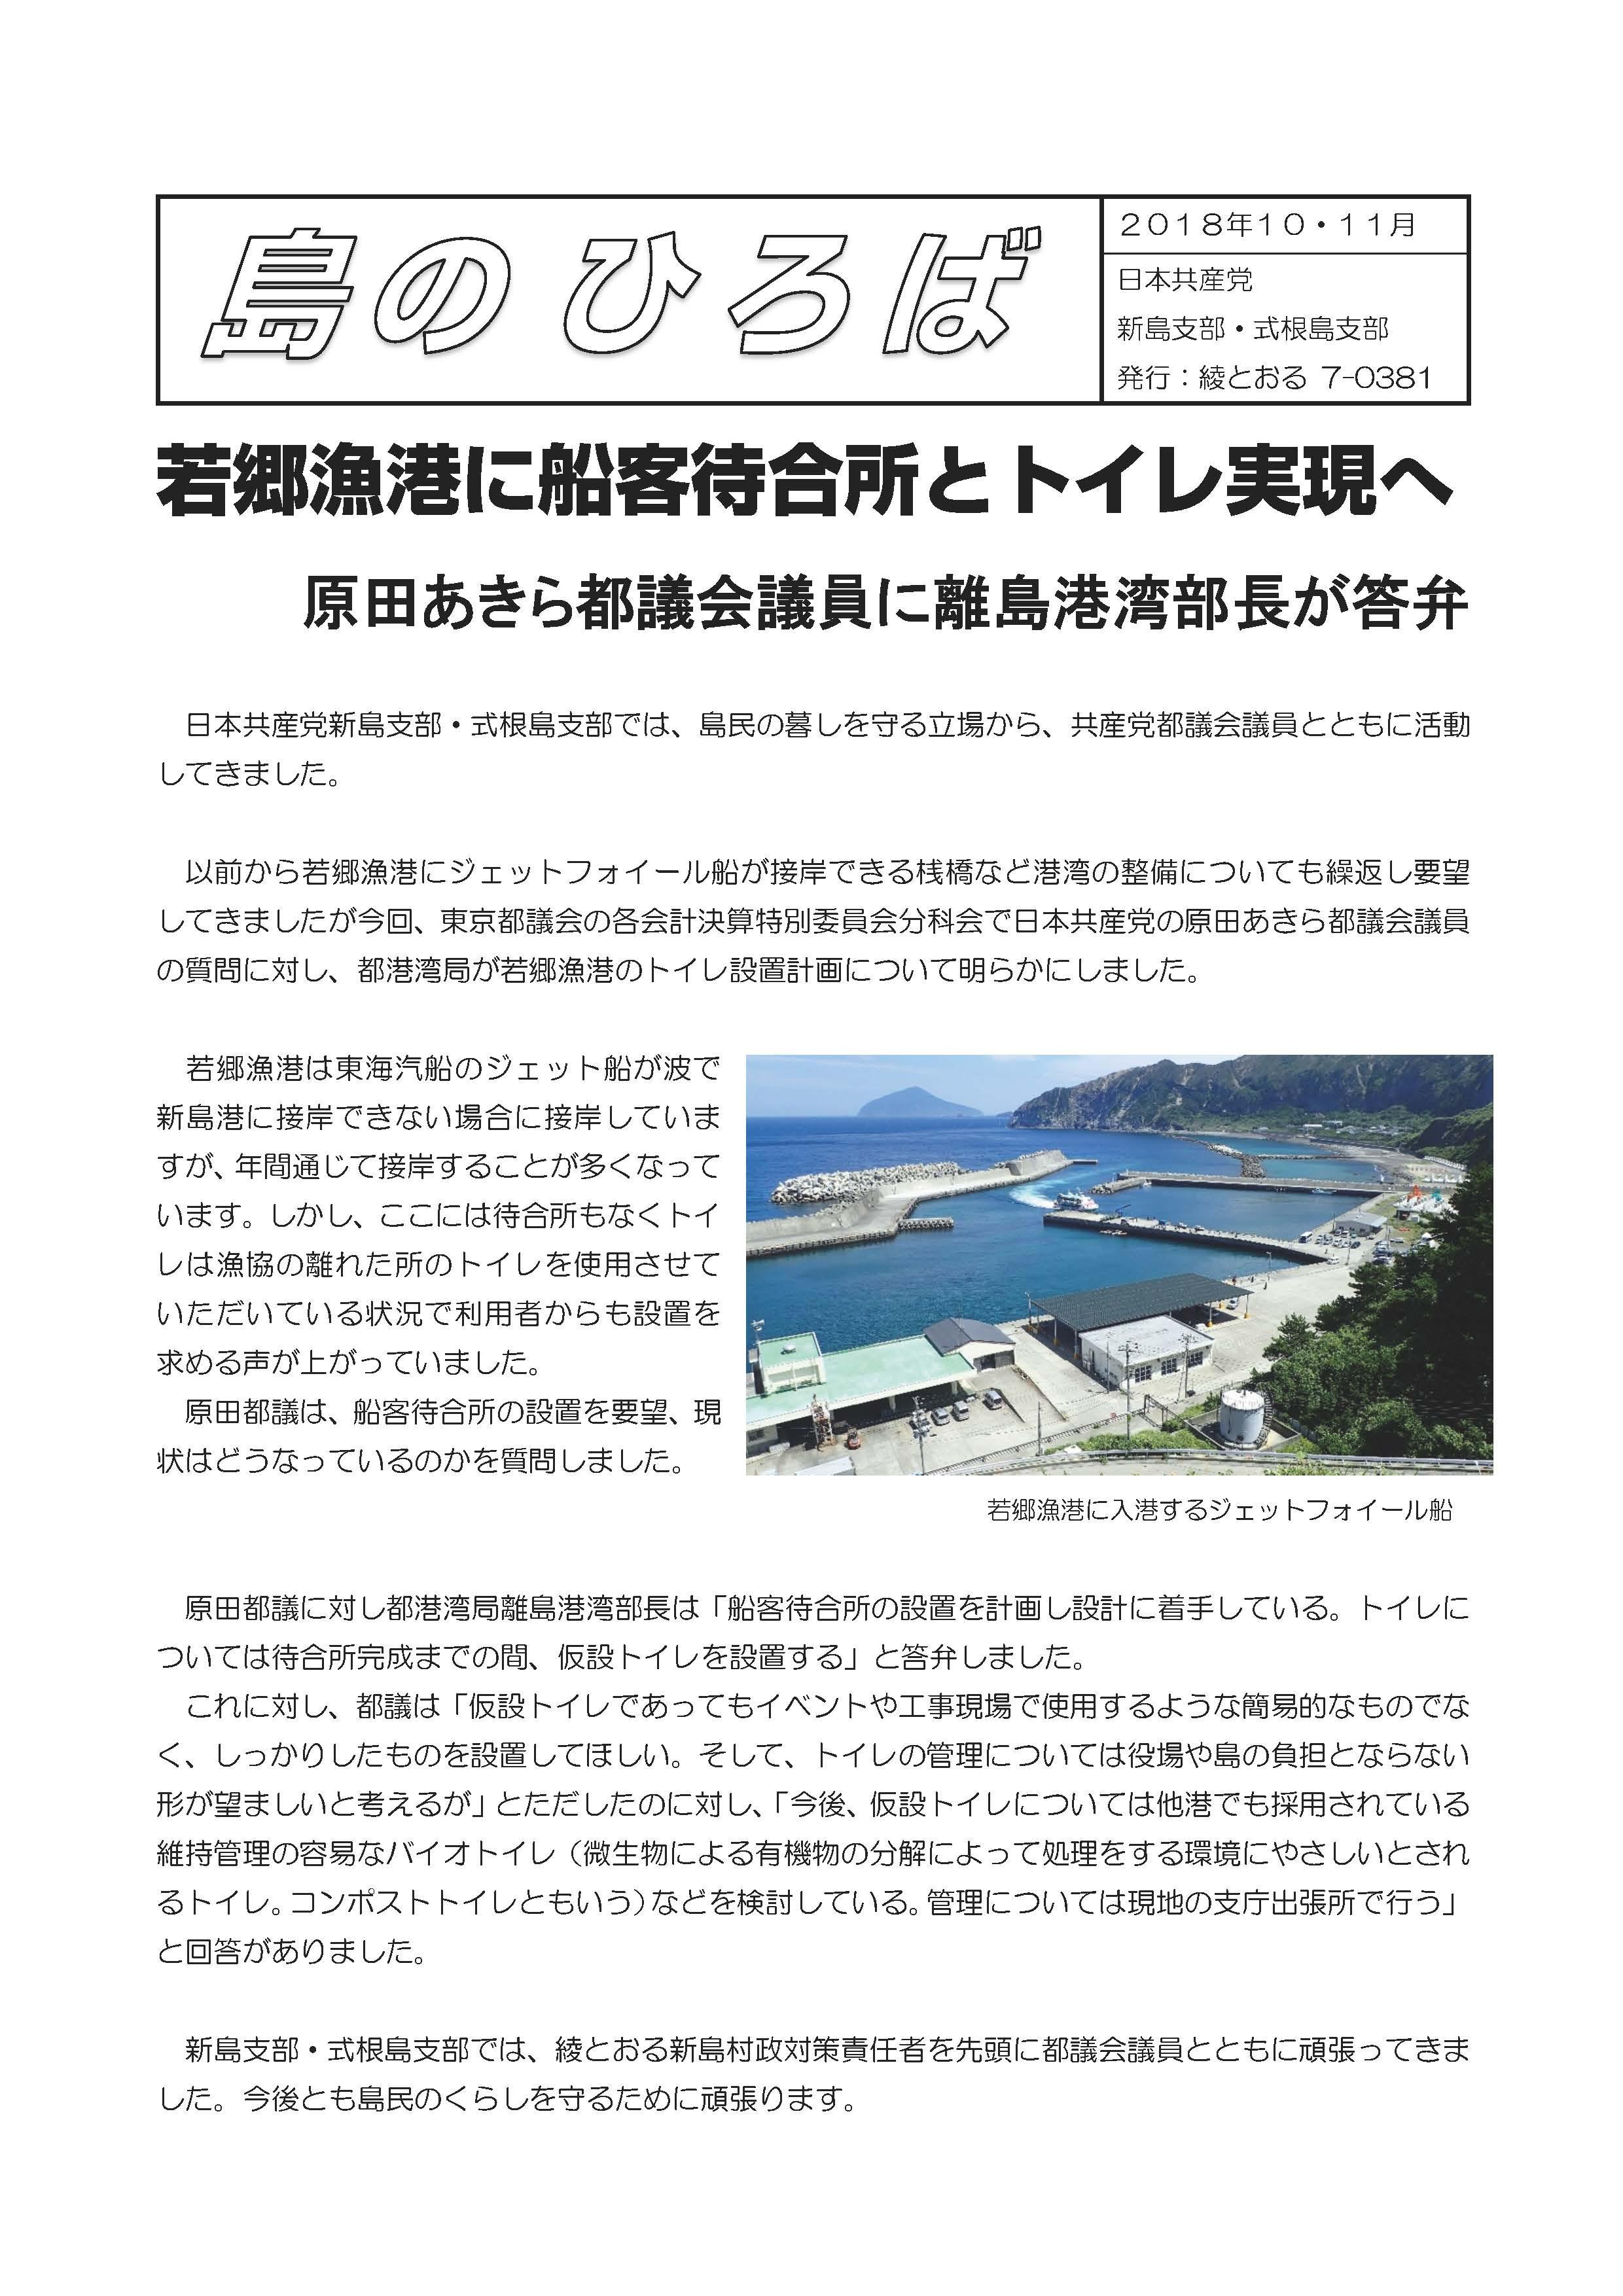 若郷漁港に船客待合所とトイレ実現へ